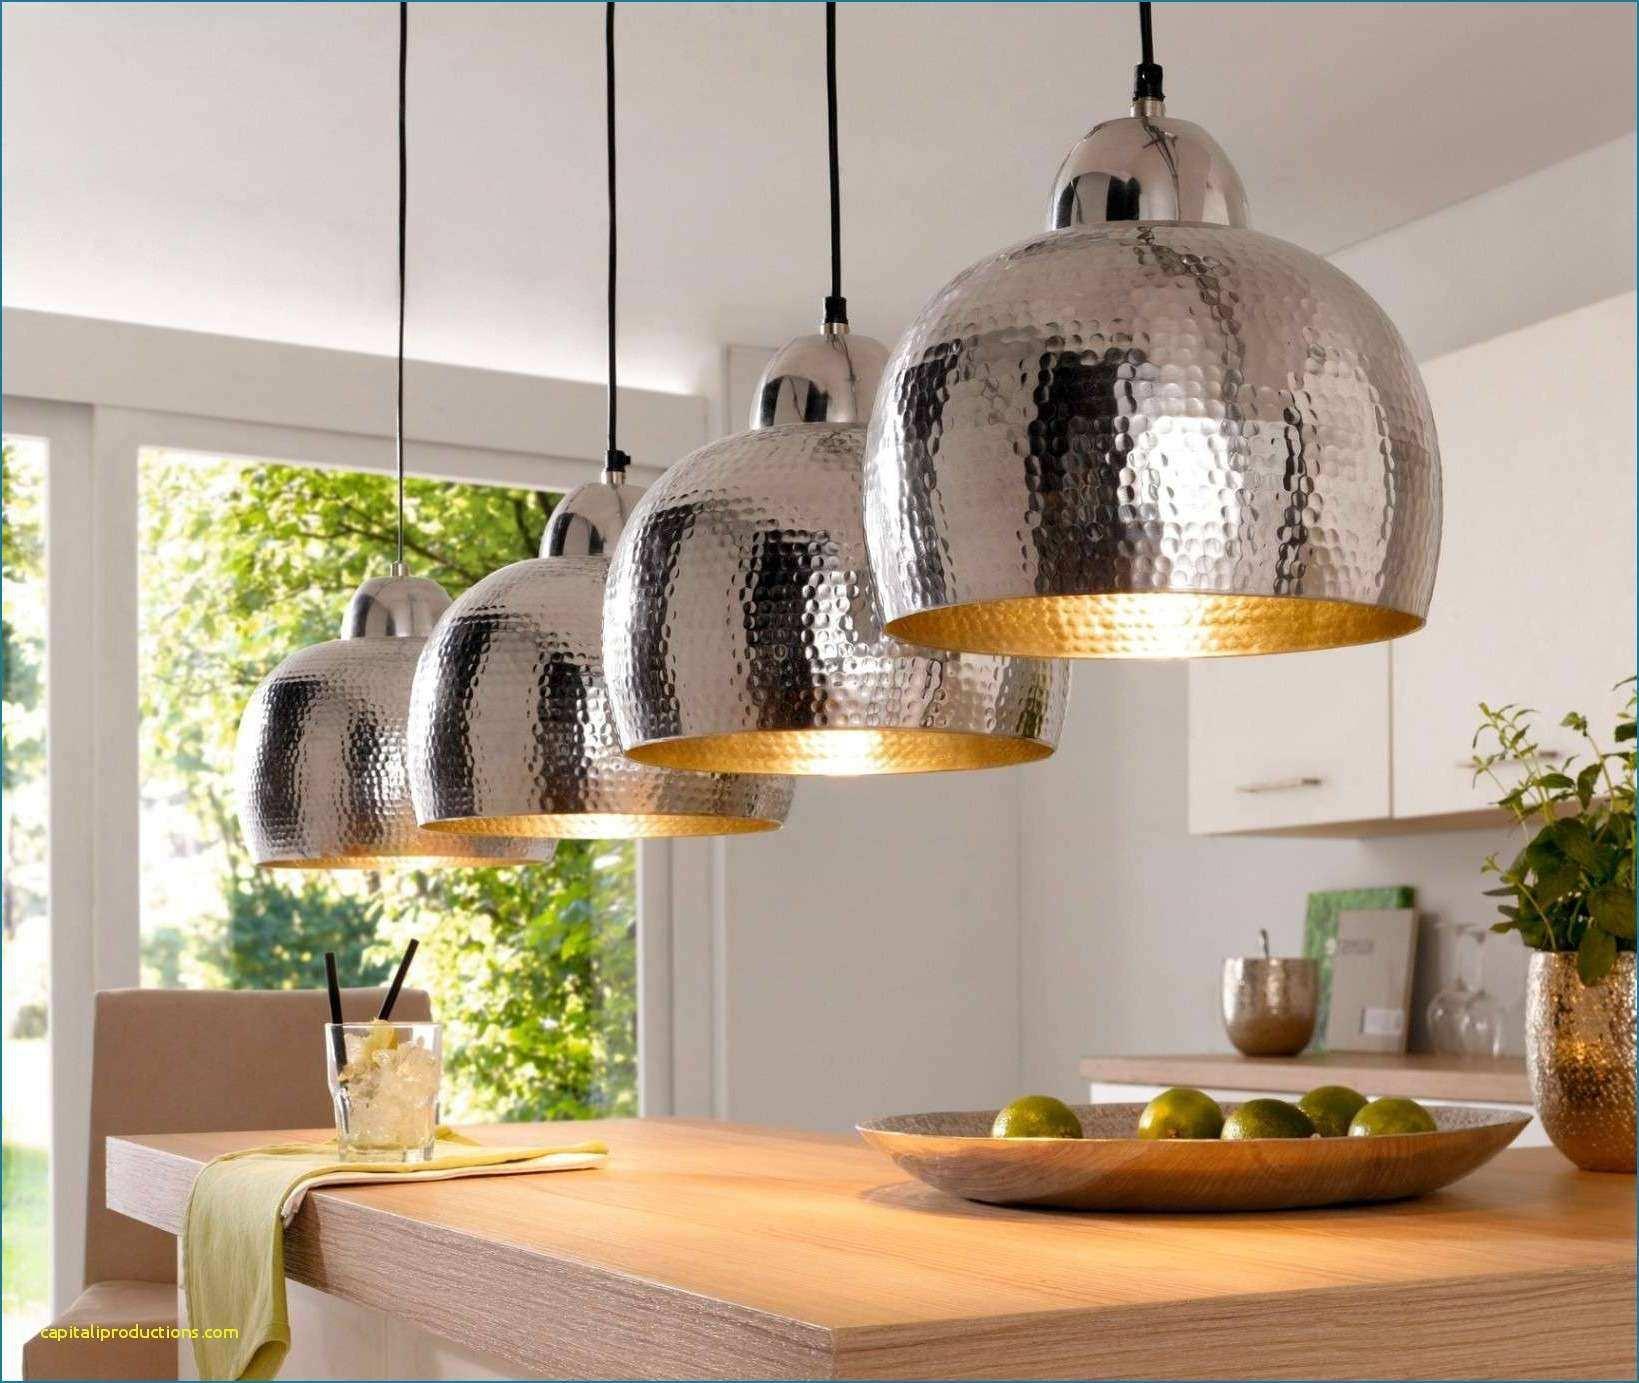 Full Size of Holzlampe Decke Holz Lampen Luxus Luxury Wohnzimmer Lampe Kaufen Ideas Deckenlampe Esstisch Bad Deckenleuchte Deckenstrahler Deckenleuchten Decken Led Wohnzimmer Holzlampe Decke